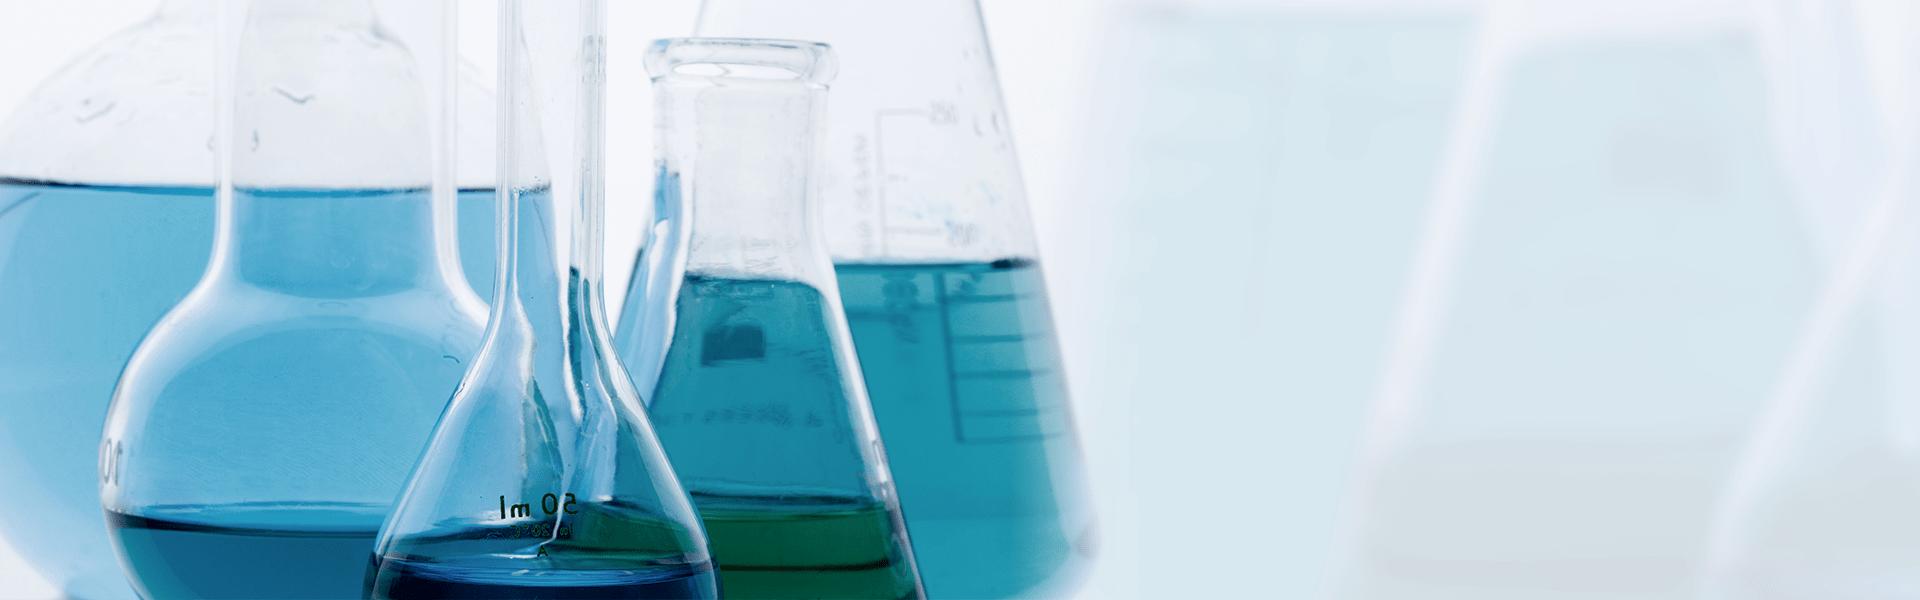 Polychemie Referenz